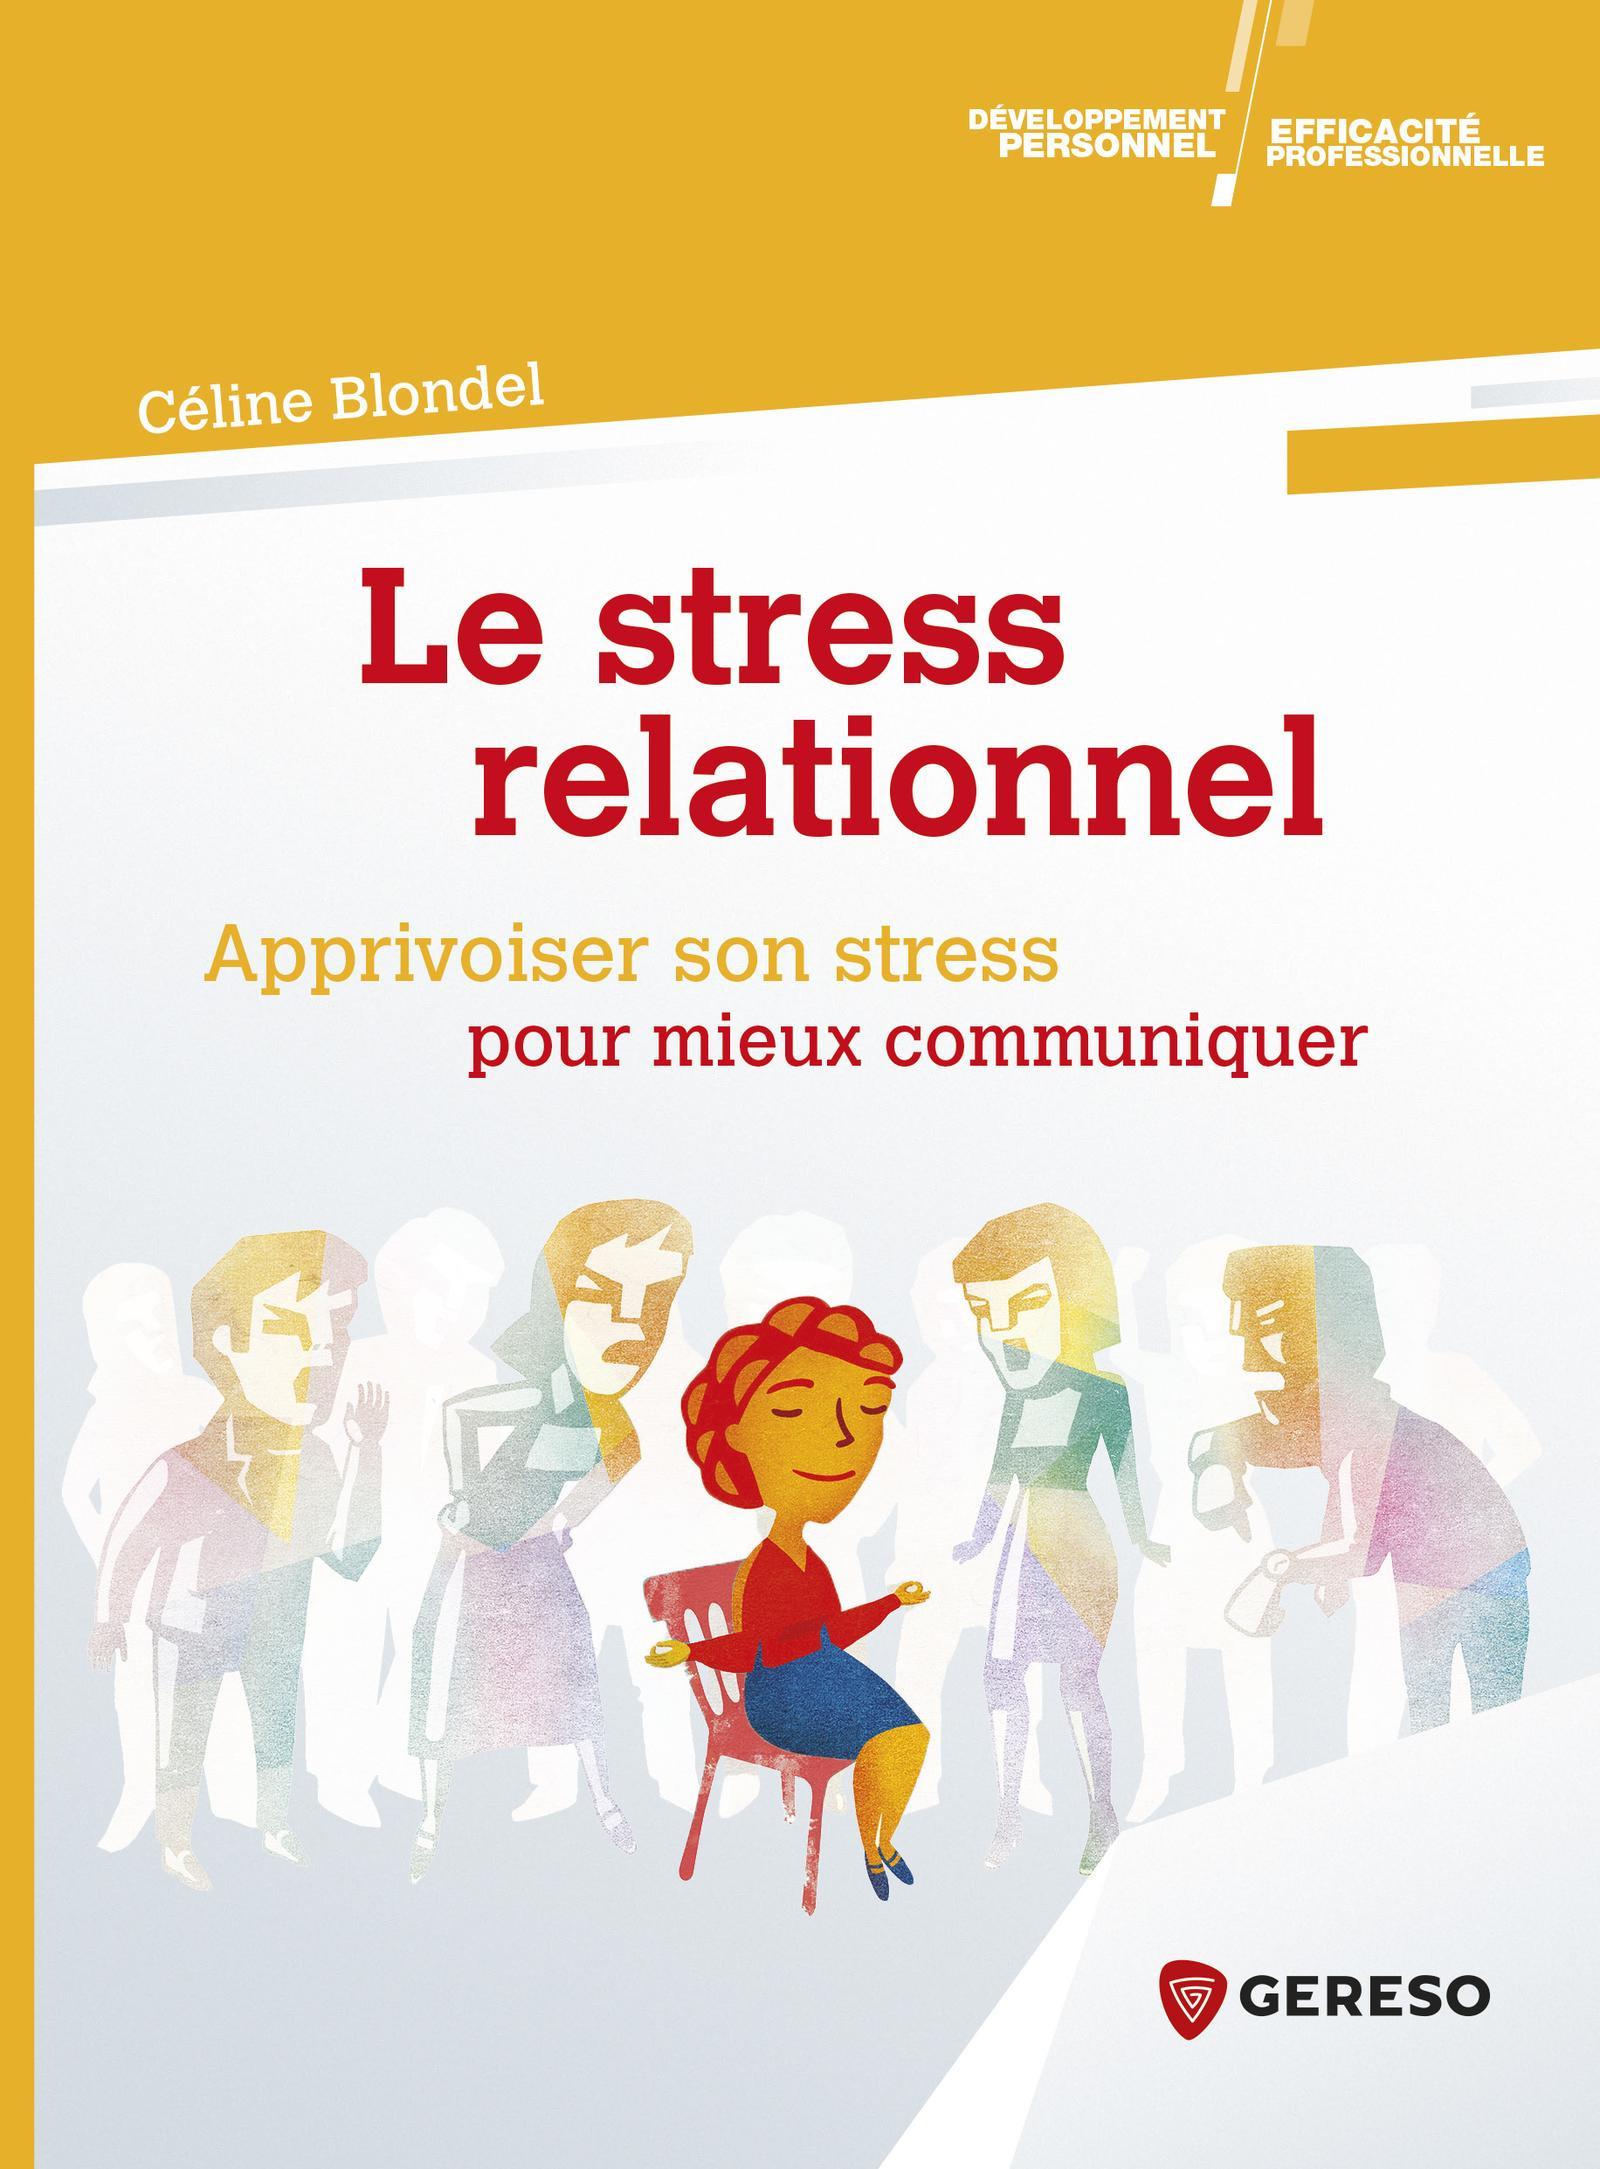 Le stress relationnel - apprivoiser son stress pour mieux communiquer